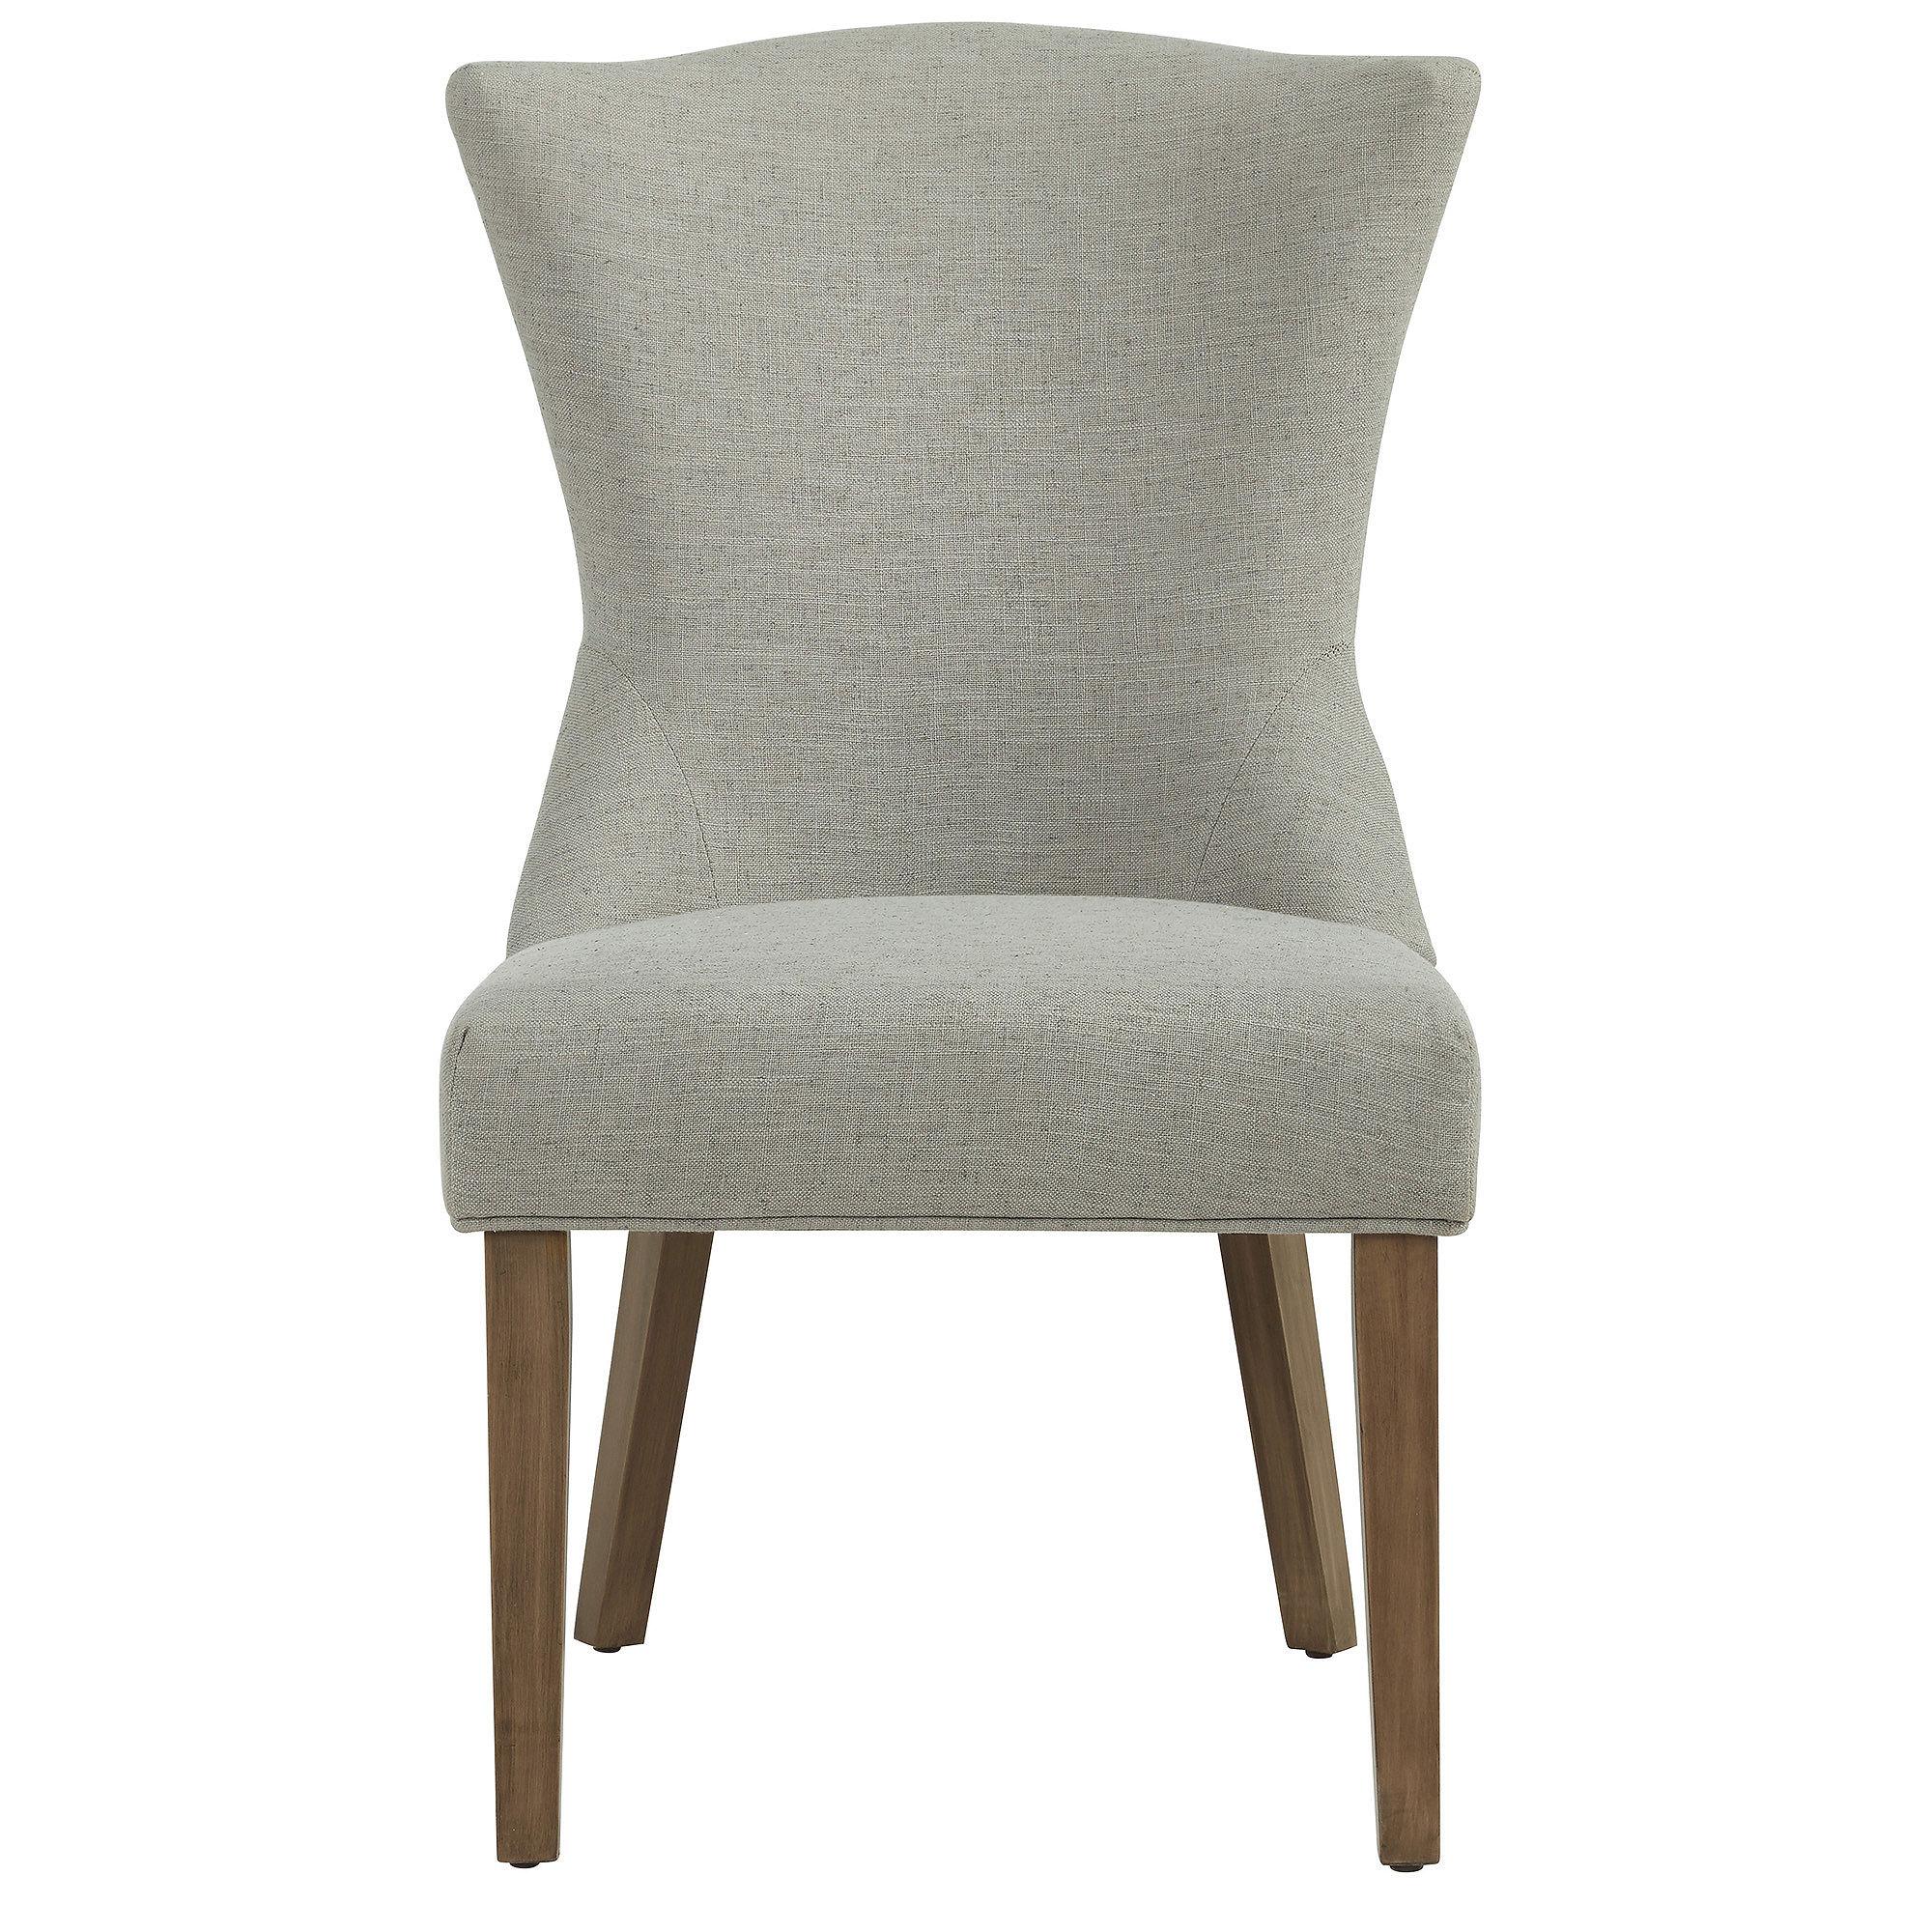 Zelia Accent Chair